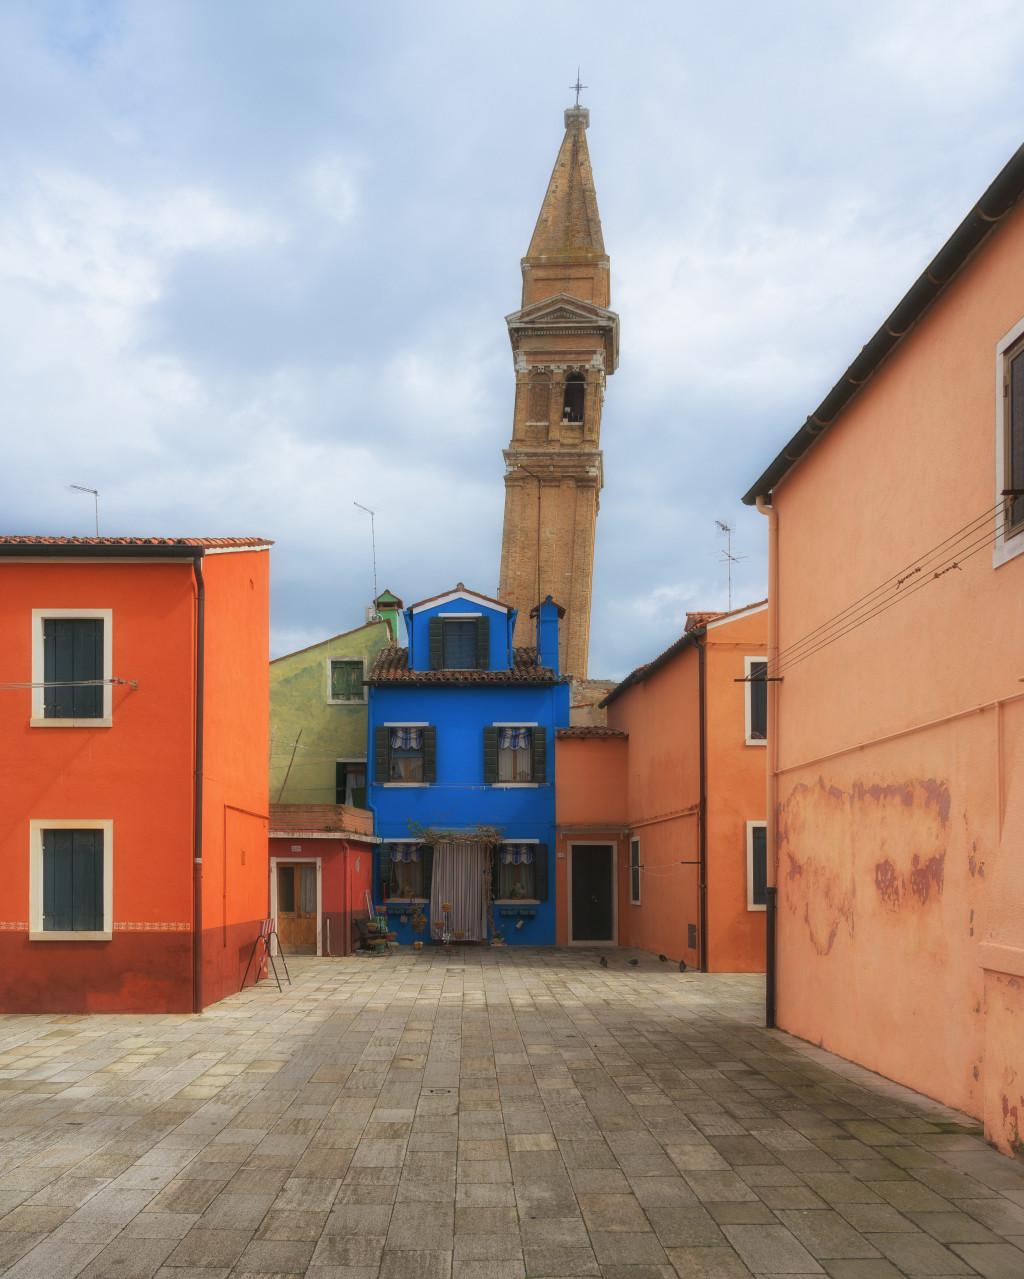 schiefer Kirchturm von San Martino